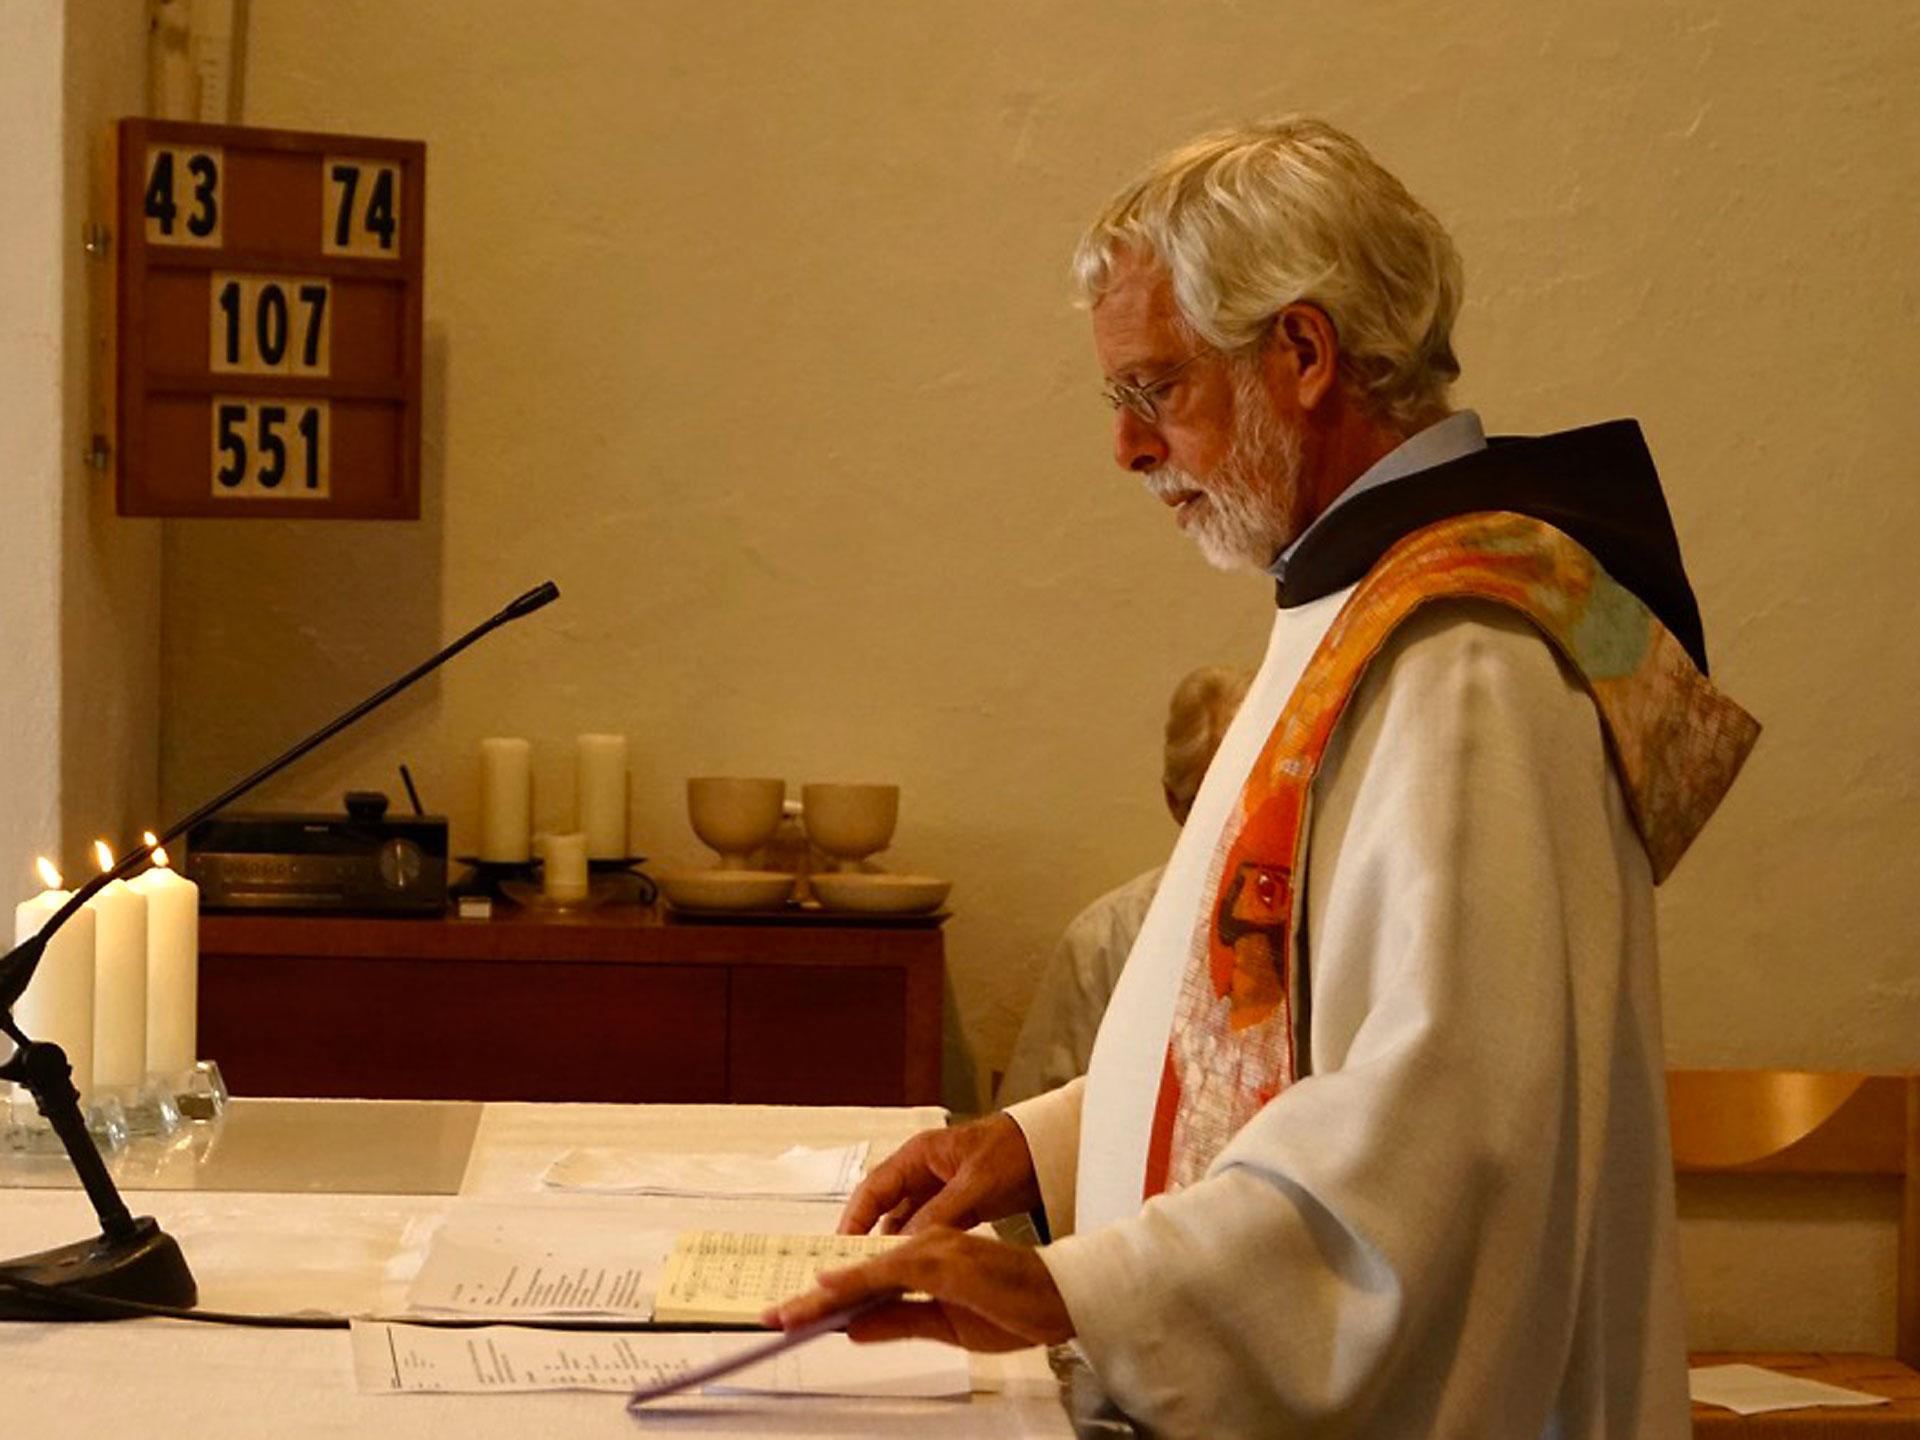 Selbst bei seinem Dienst am Altar war ihm das Thema Gerechtigkeit stets sehr präsent.